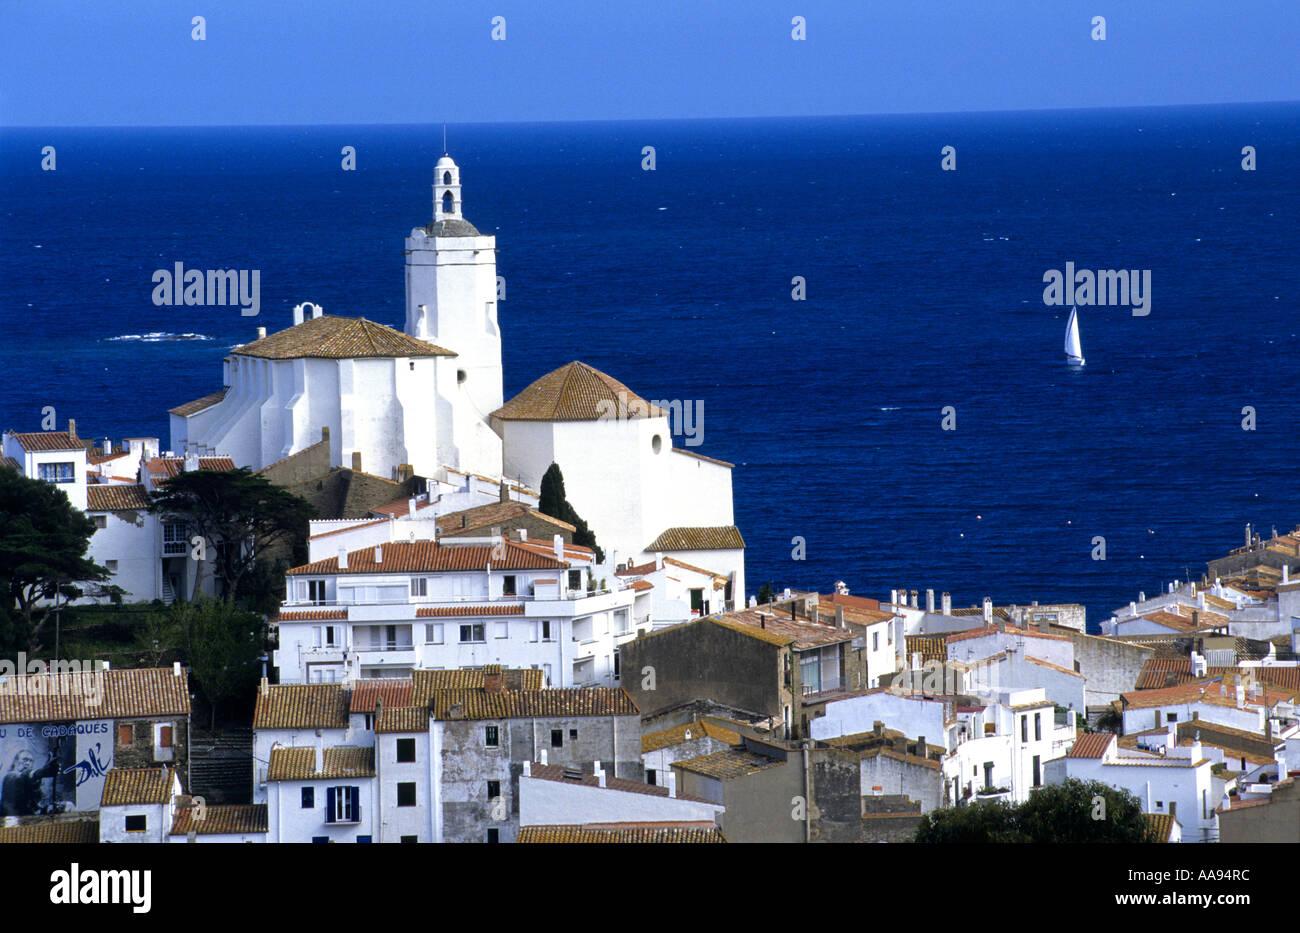 Cadaques Costa Brava Cataluña España Imagen De Stock